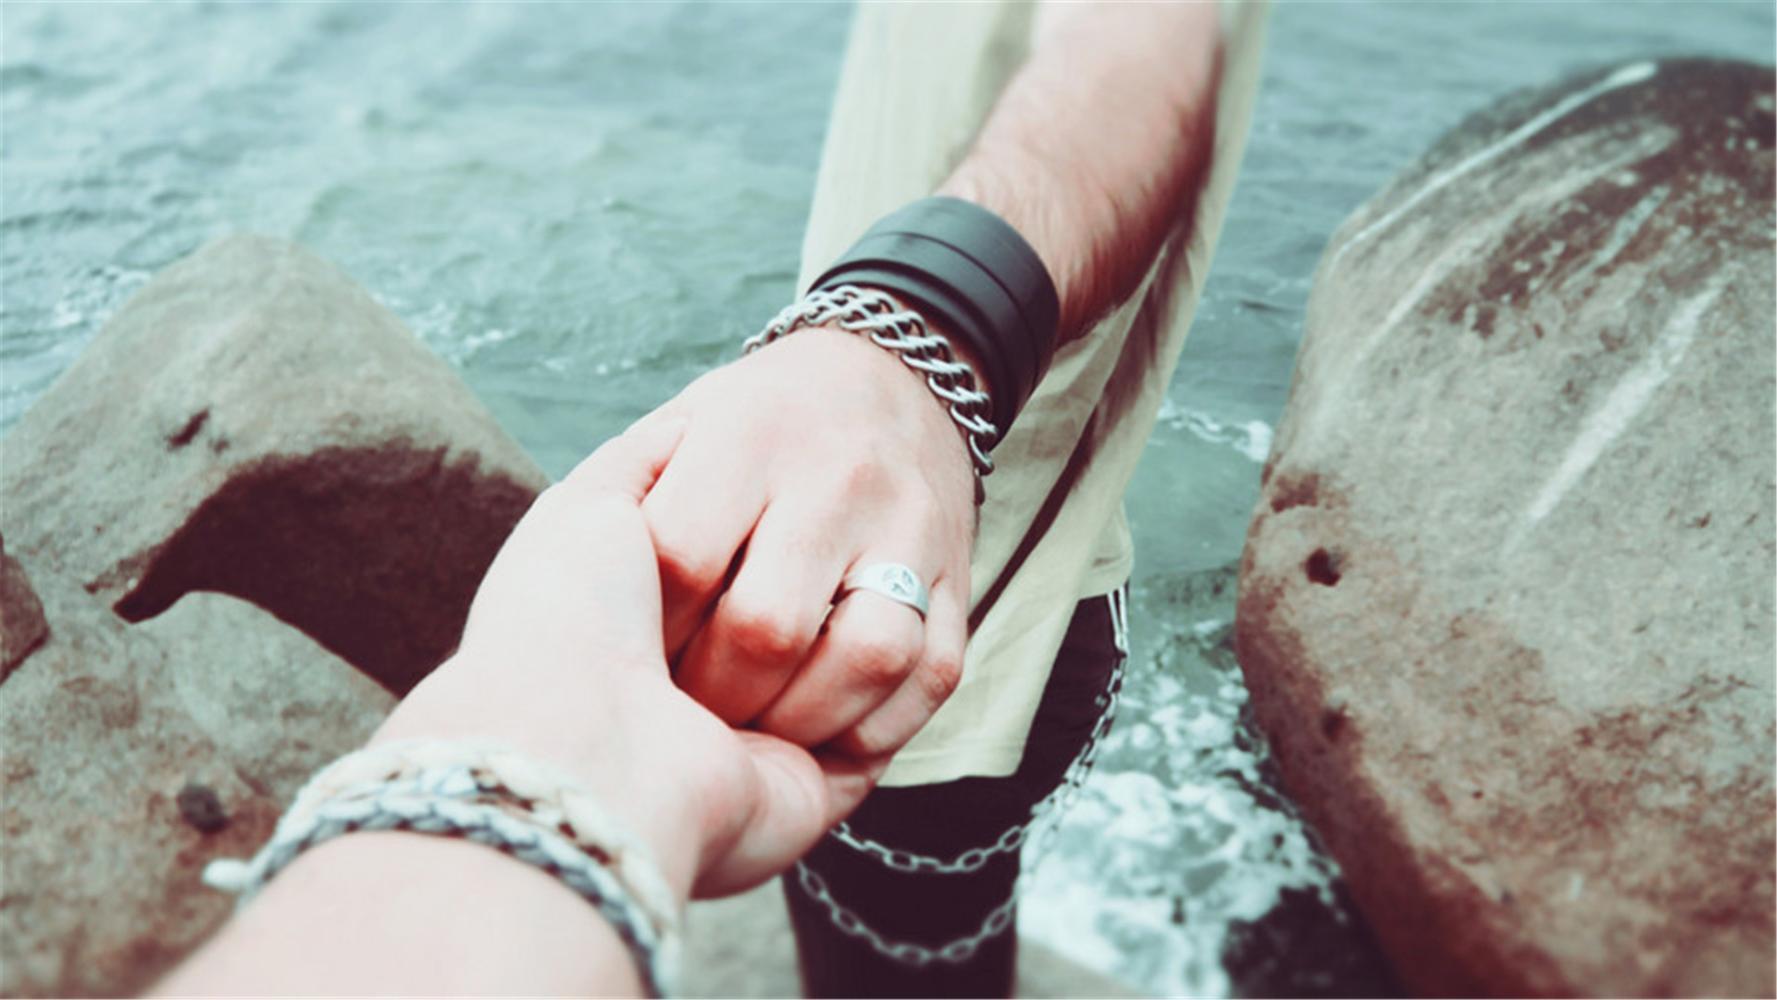 女人, 婚姻给你这样的感受时, 就放手吧